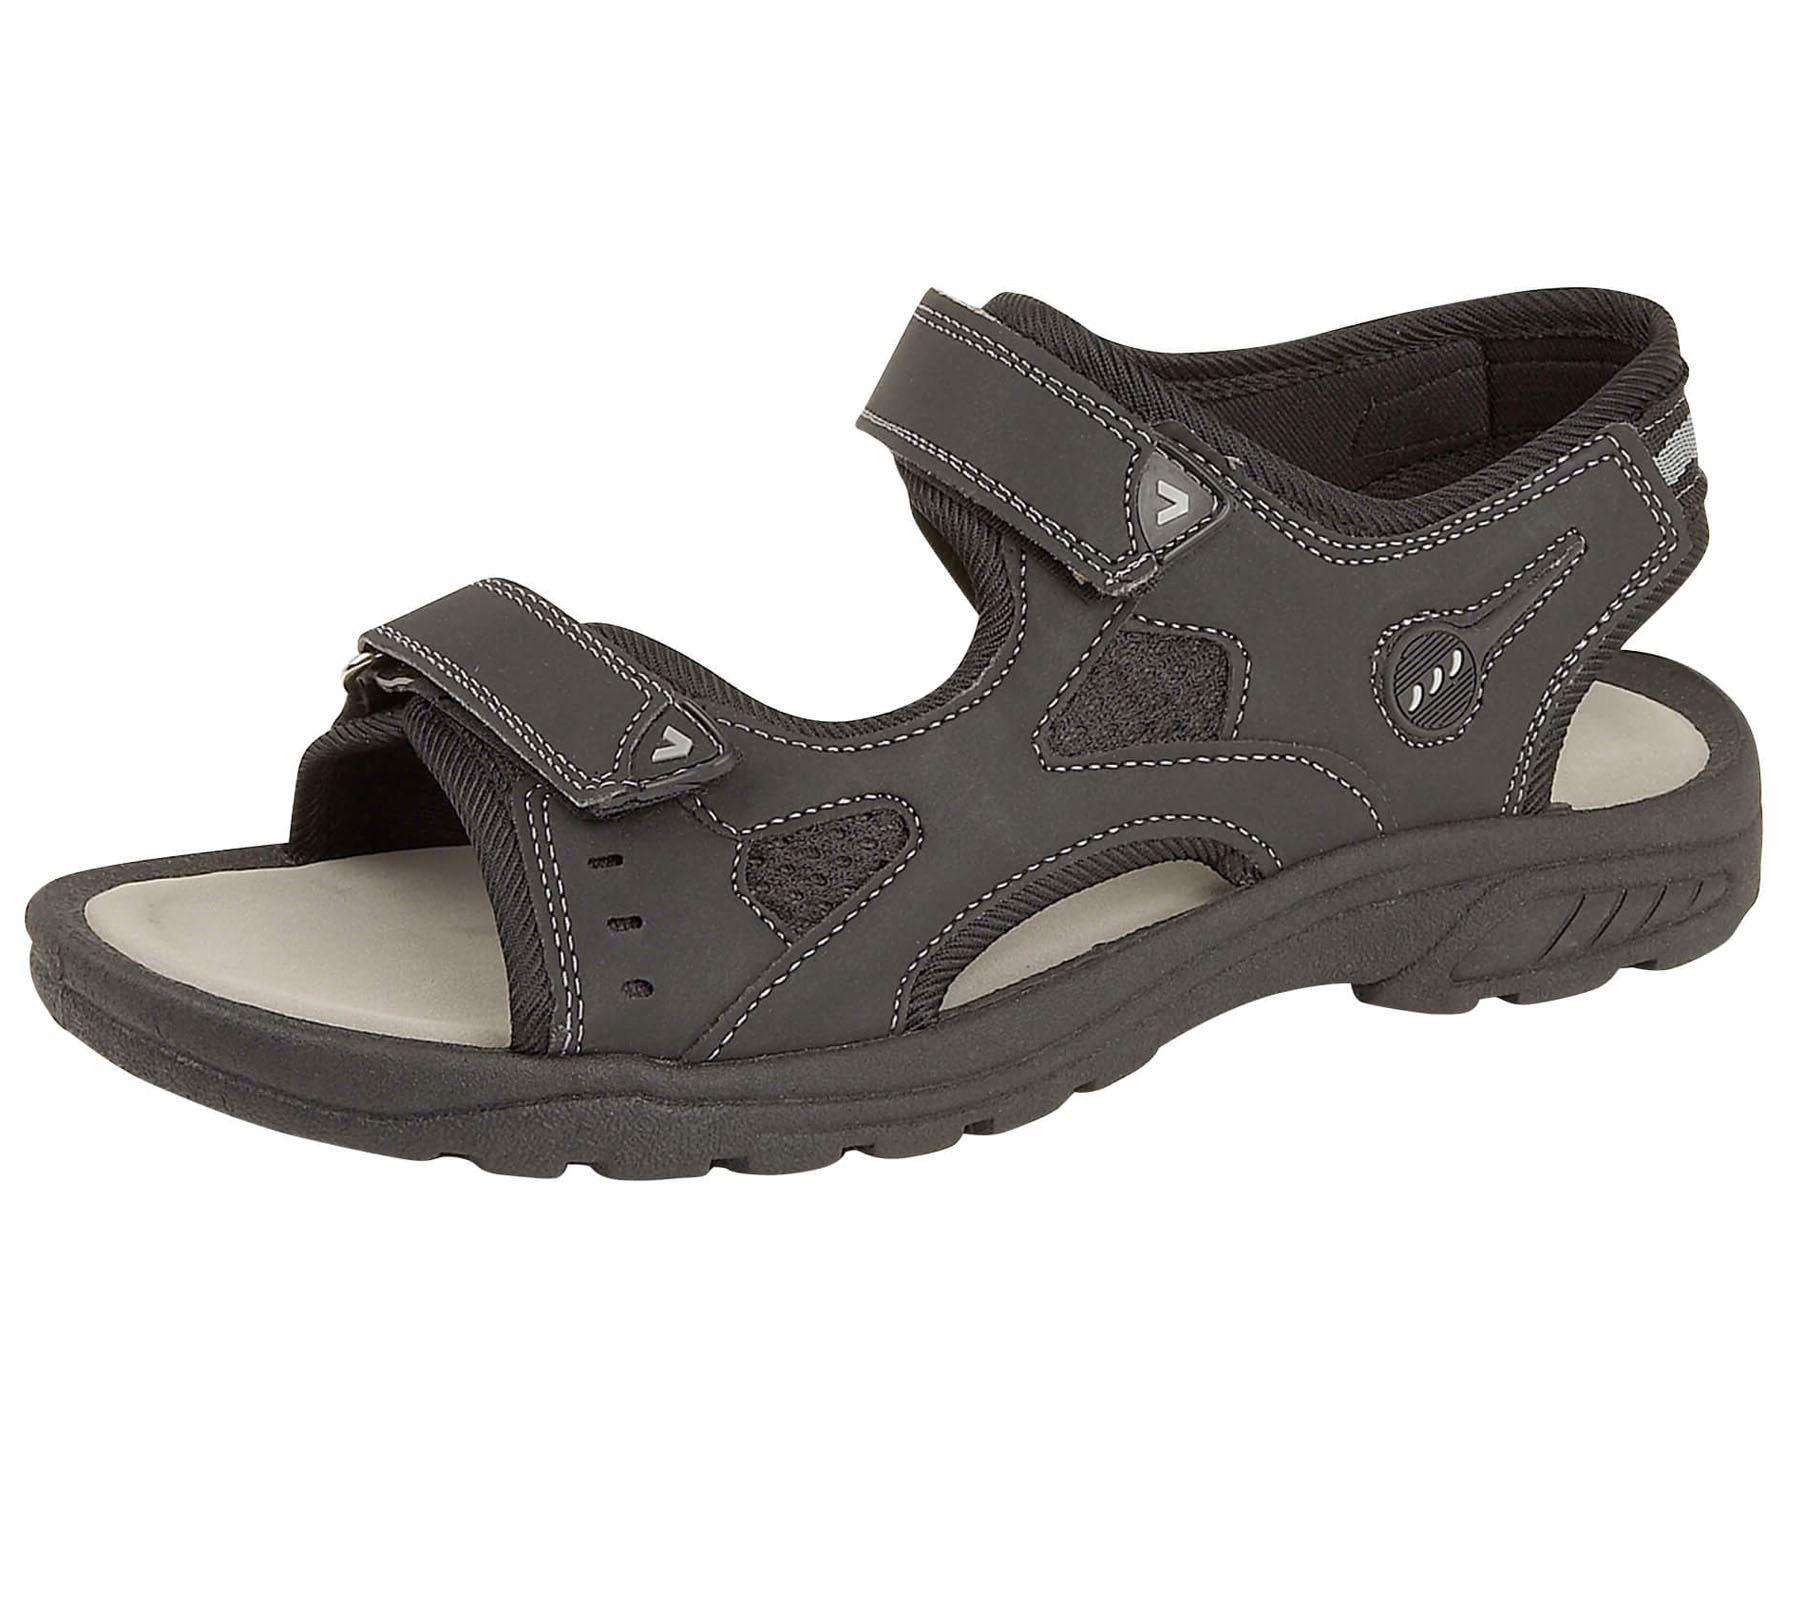 Mens-Sandals-Summer-Beach-Casual-Syenthatic-Sandals miniatura 5